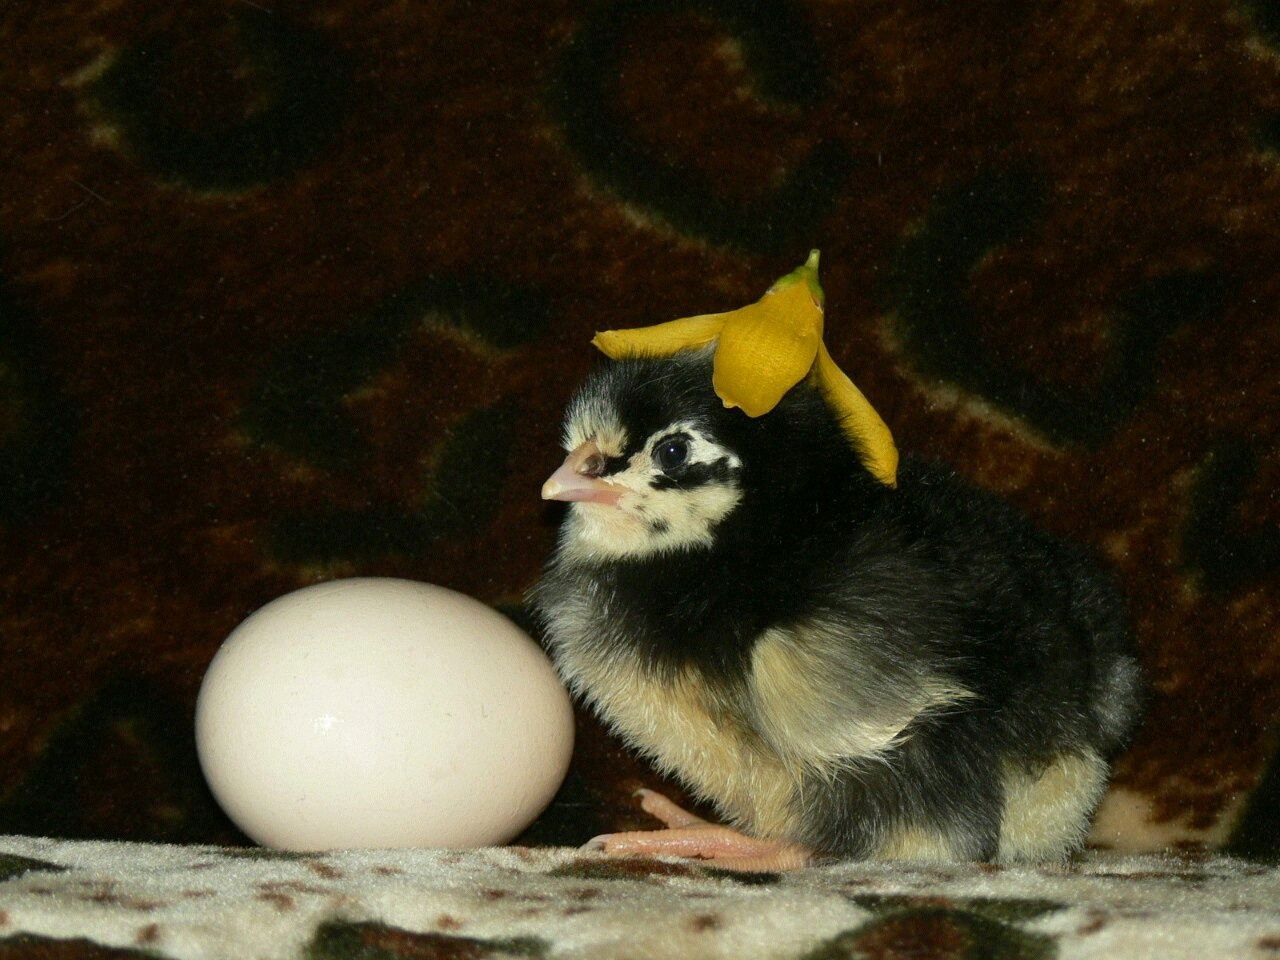 цыпленок цветок  желтый черный яйцо ребенок мальчик петушок